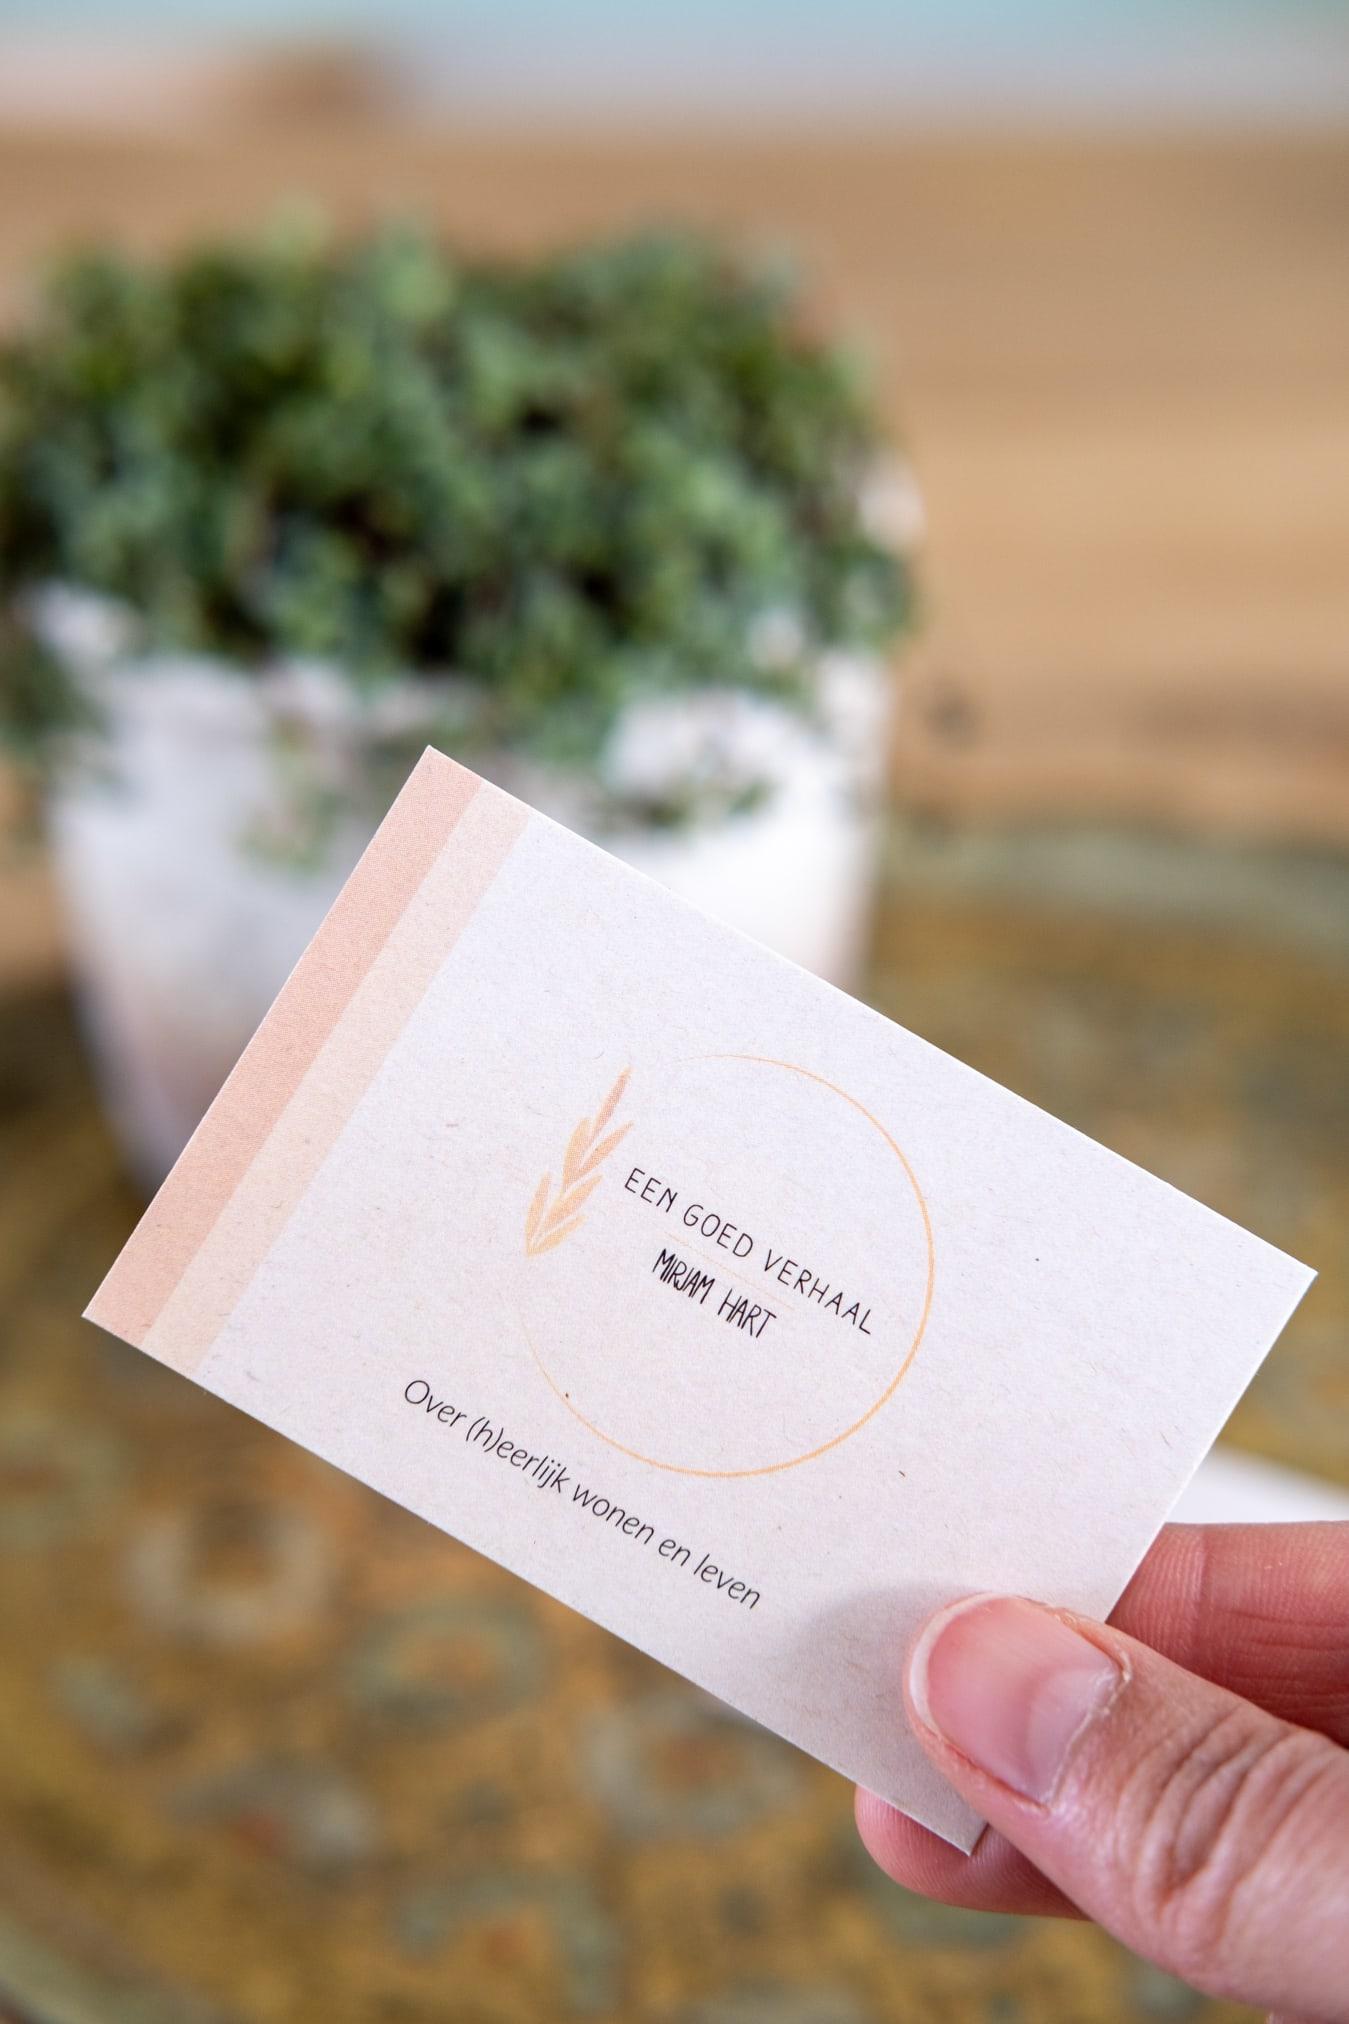 duurzaam logo visitekaartjes